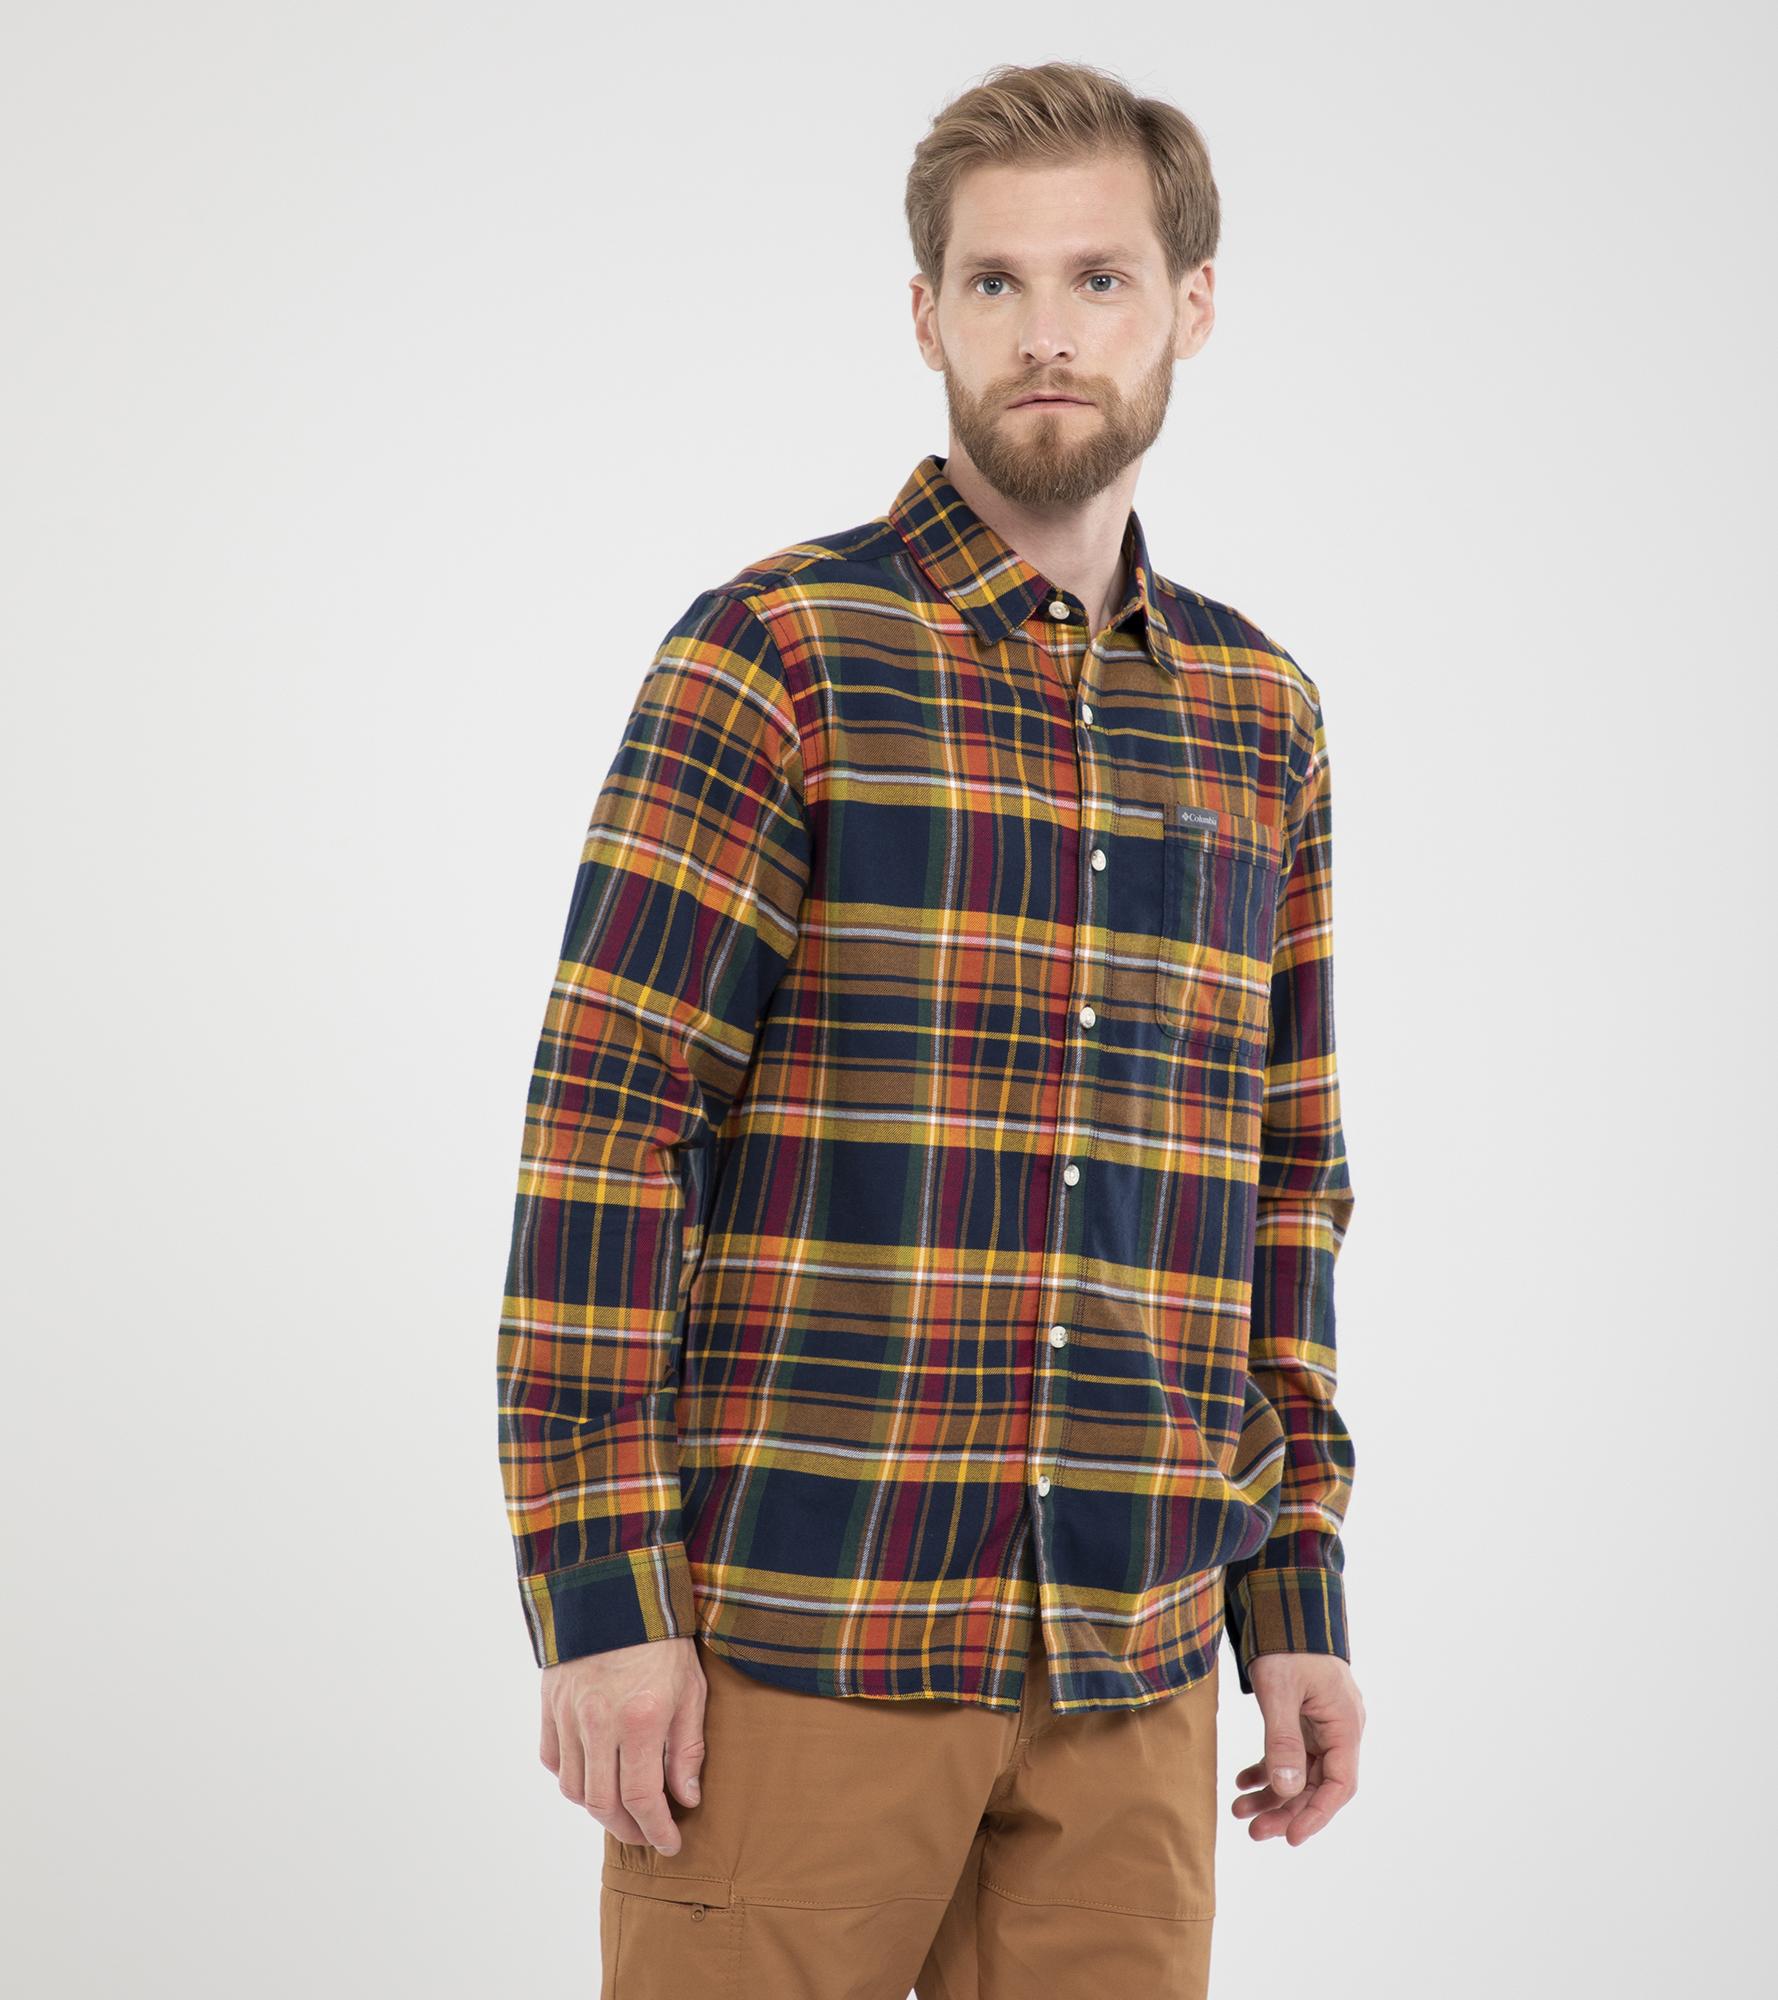 цена Columbia Рубашка мужская Columbia Boulder Ridge, размер 56-58 онлайн в 2017 году